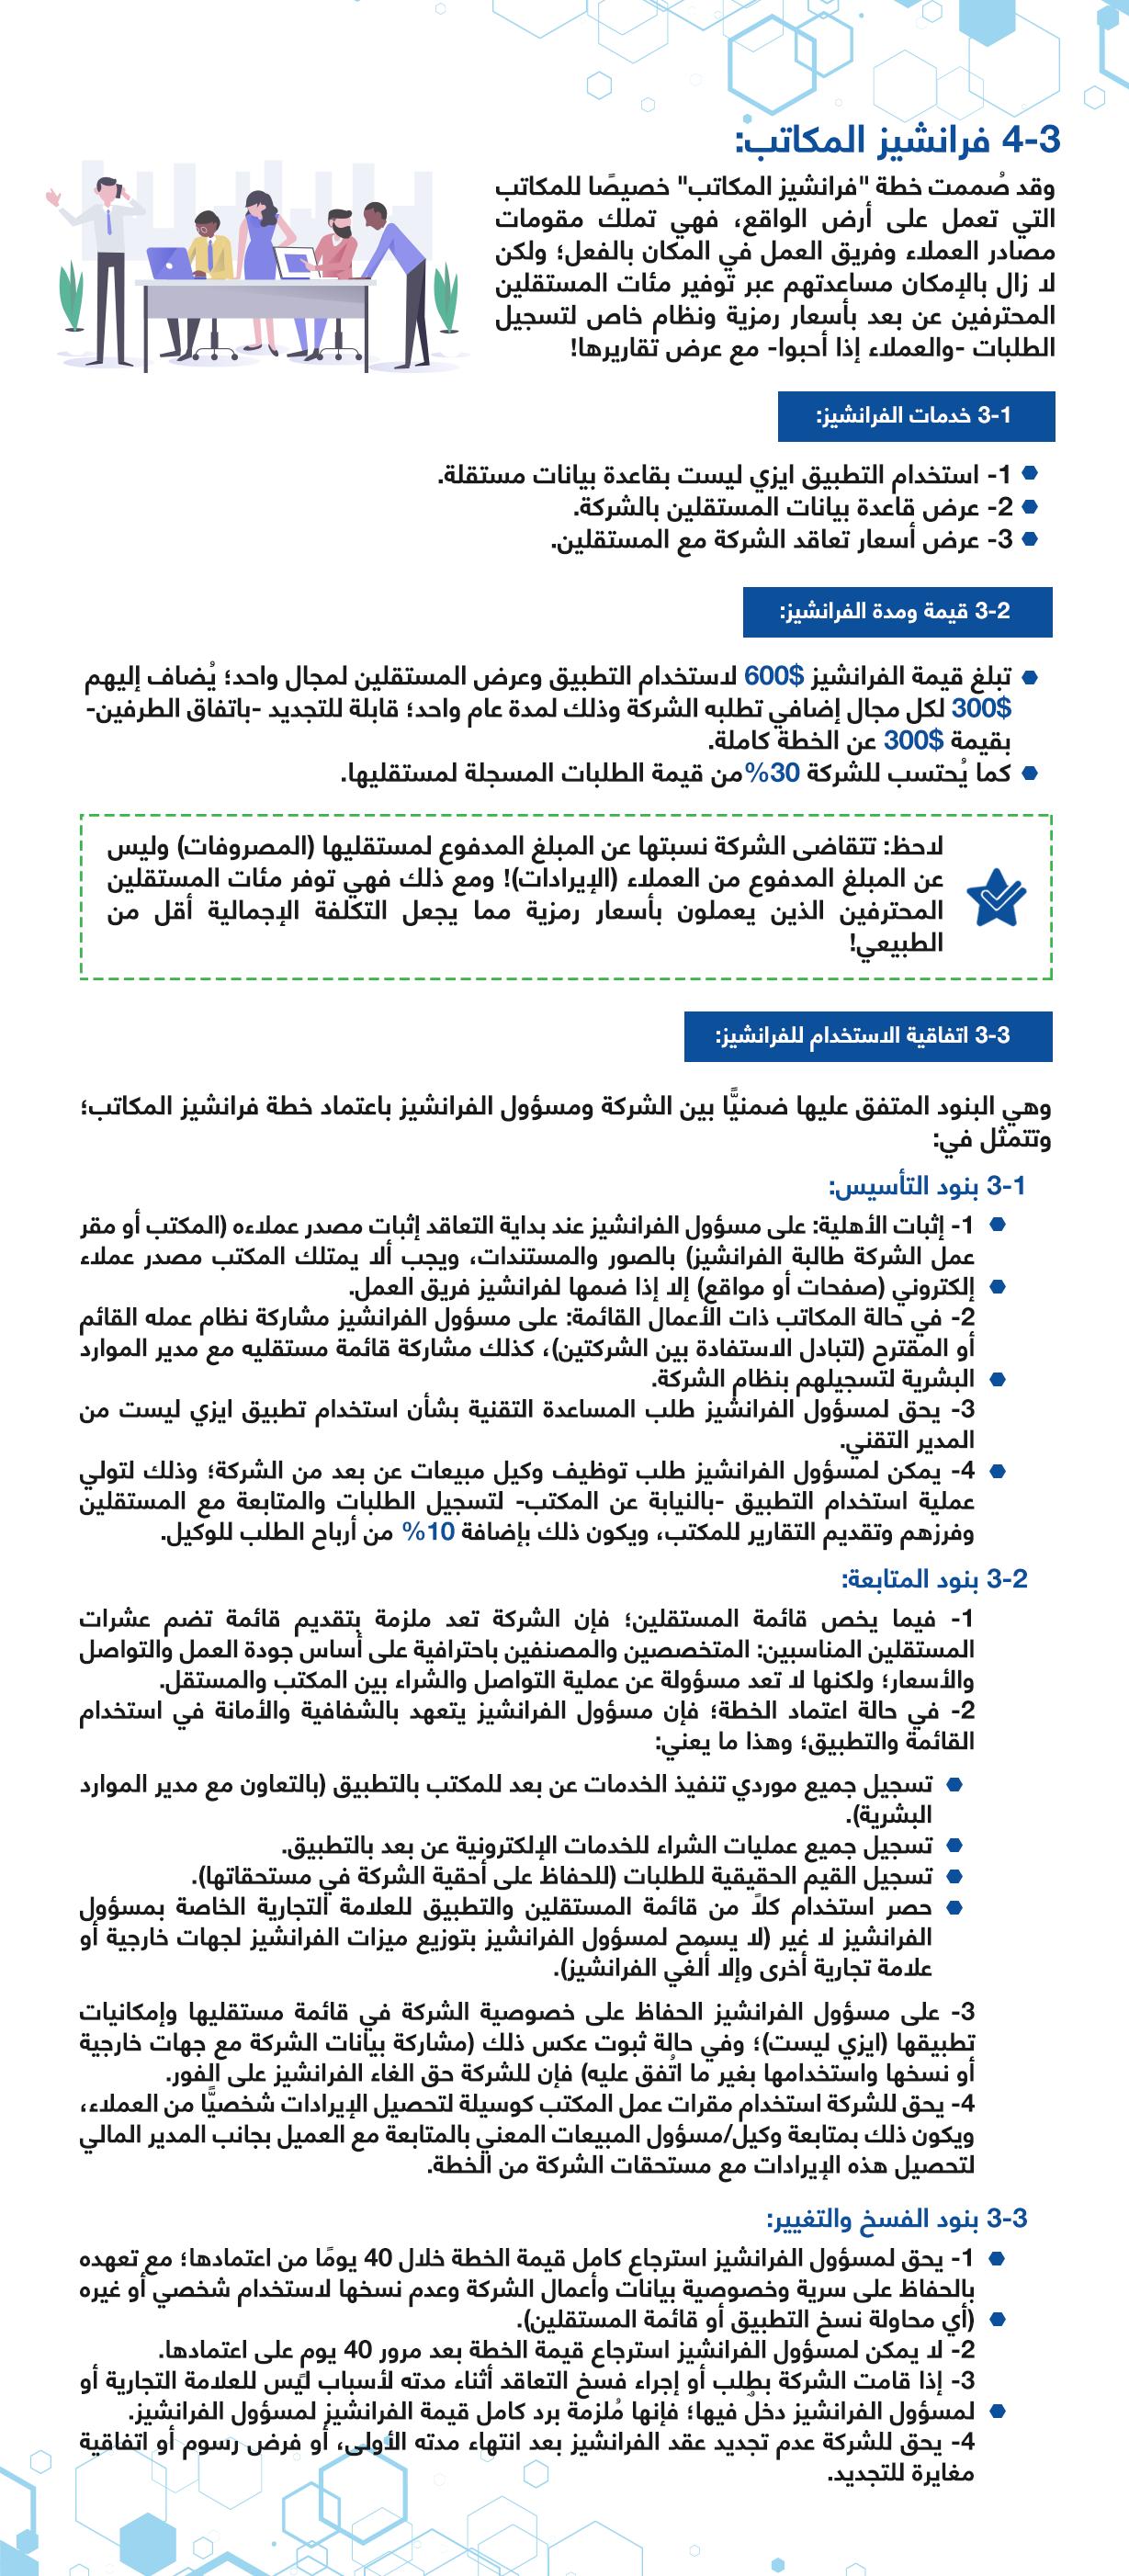 خطة فرانشيز المكاتب بالمركز العربي للخدمات الإلكترونية - ACFE-S